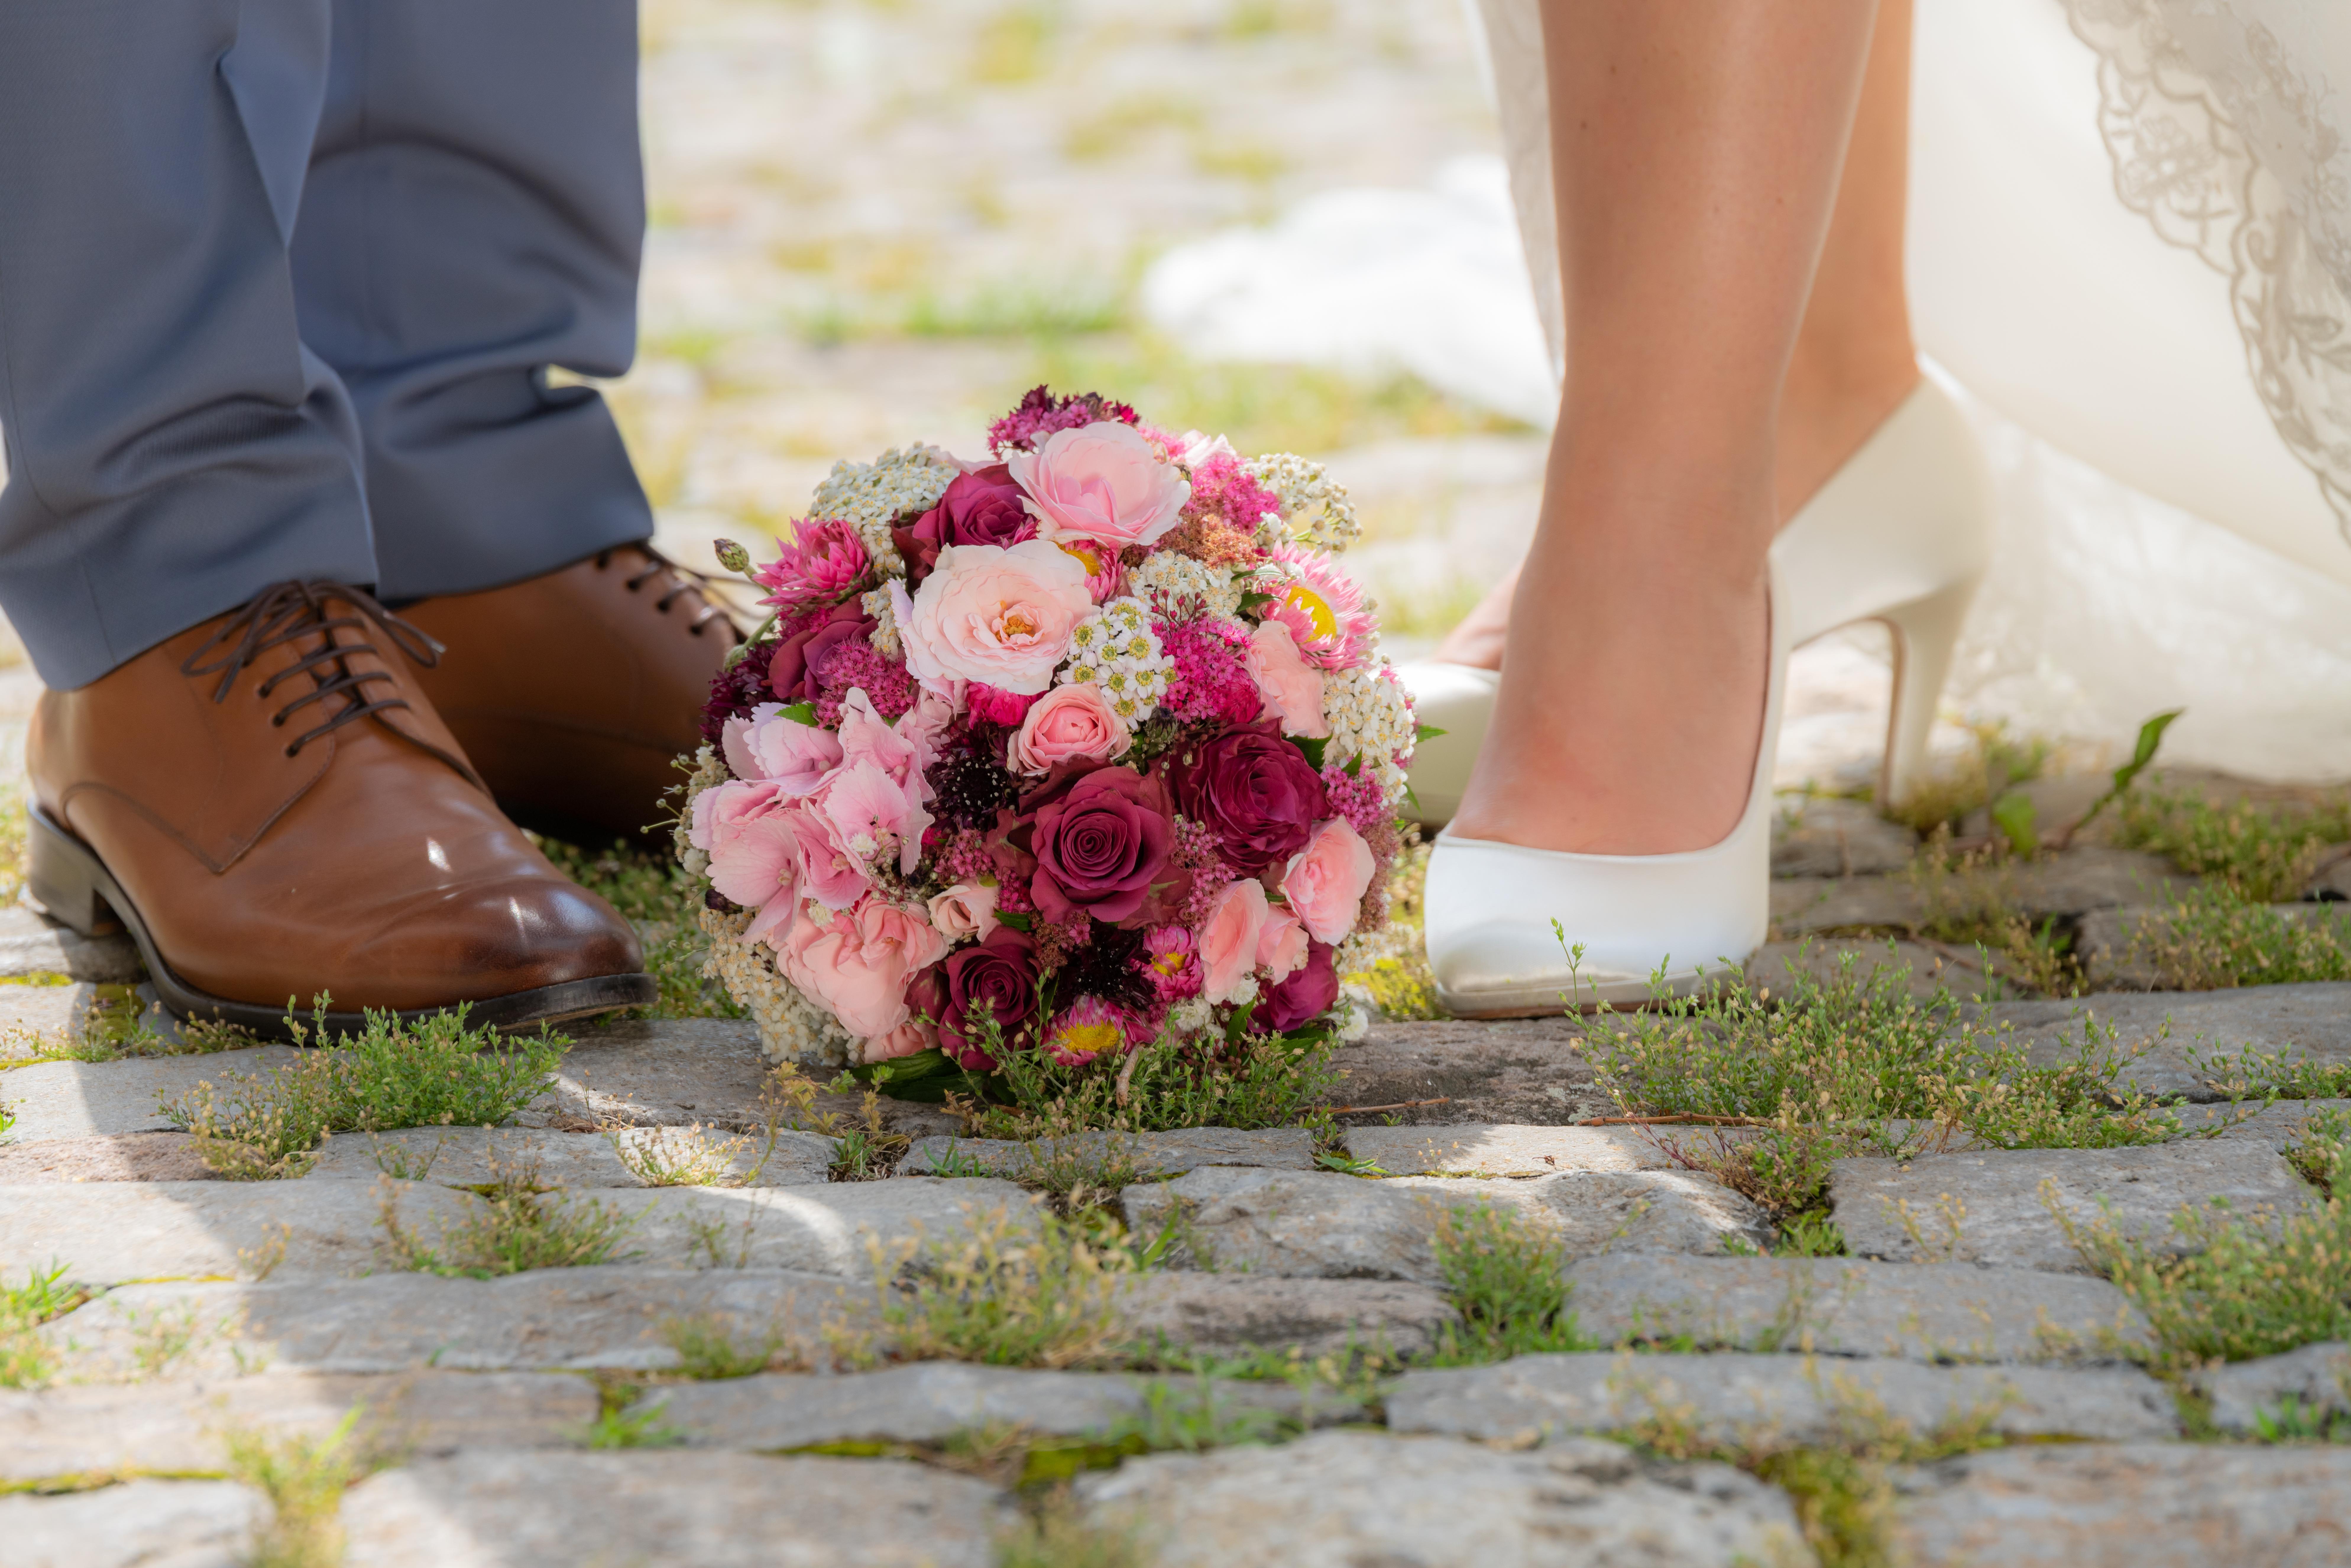 Hochzeitsfotos - Accessoires im Mittelpunt